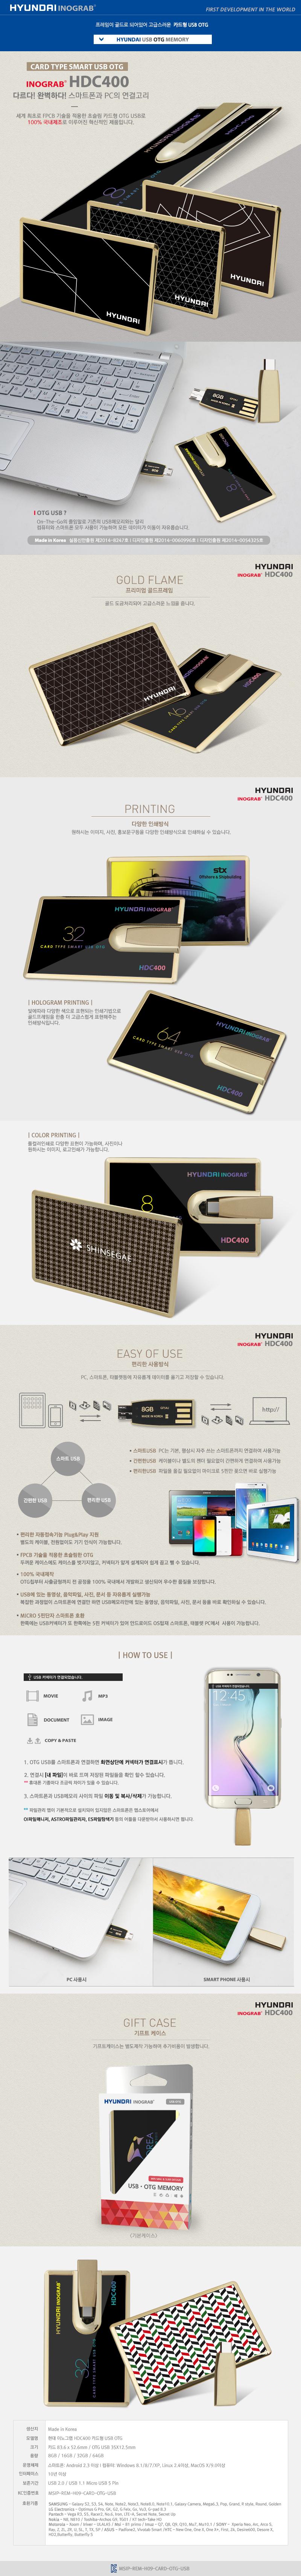 현대 이노그랩 HDC400 USB OTG 16GB19,900원-지아이팩토리디지털, USB/저장장치, USB 카드형, 바보사랑현대 이노그랩 HDC400 USB OTG 16GB19,900원-지아이팩토리디지털, USB/저장장치, USB 카드형, 바보사랑